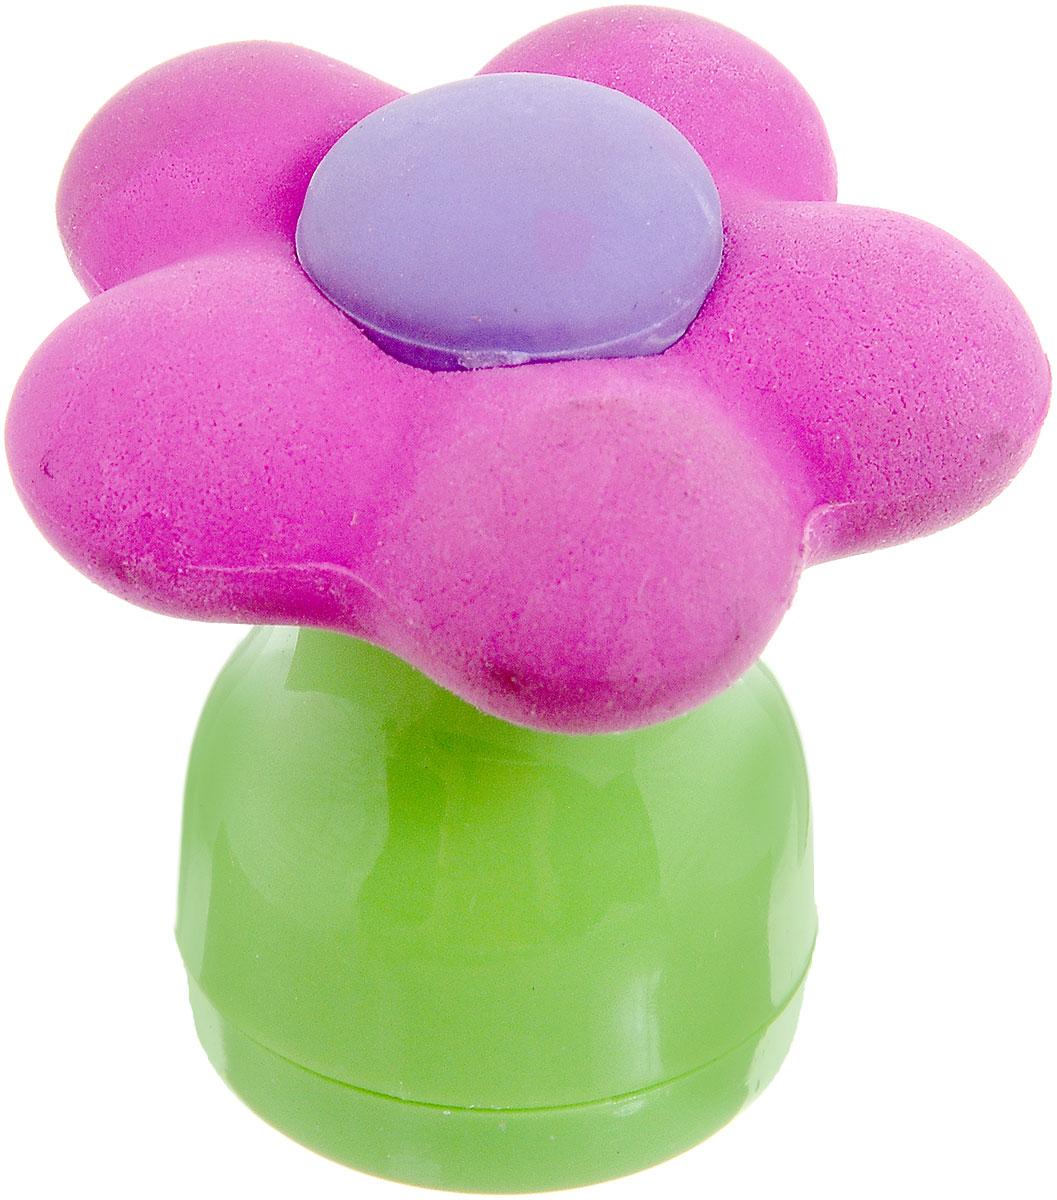 Brunnen Точилка Цветок с ластиком цвет зеленый розовый29995-01\BCD_зеленый, розовыйУдобная точилка Brunnen в пластиковом корпусе в виде розового цветка на толстой ножке, предназначена для затачивания карандашей. Острое стальное лезвие обеспечивает высококачественную и точную заточку. Карандаш затачивается легко и аккуратно, а опилки после заточки остаются в специальном контейнере. Точилка дополнена ластиком-цветком.